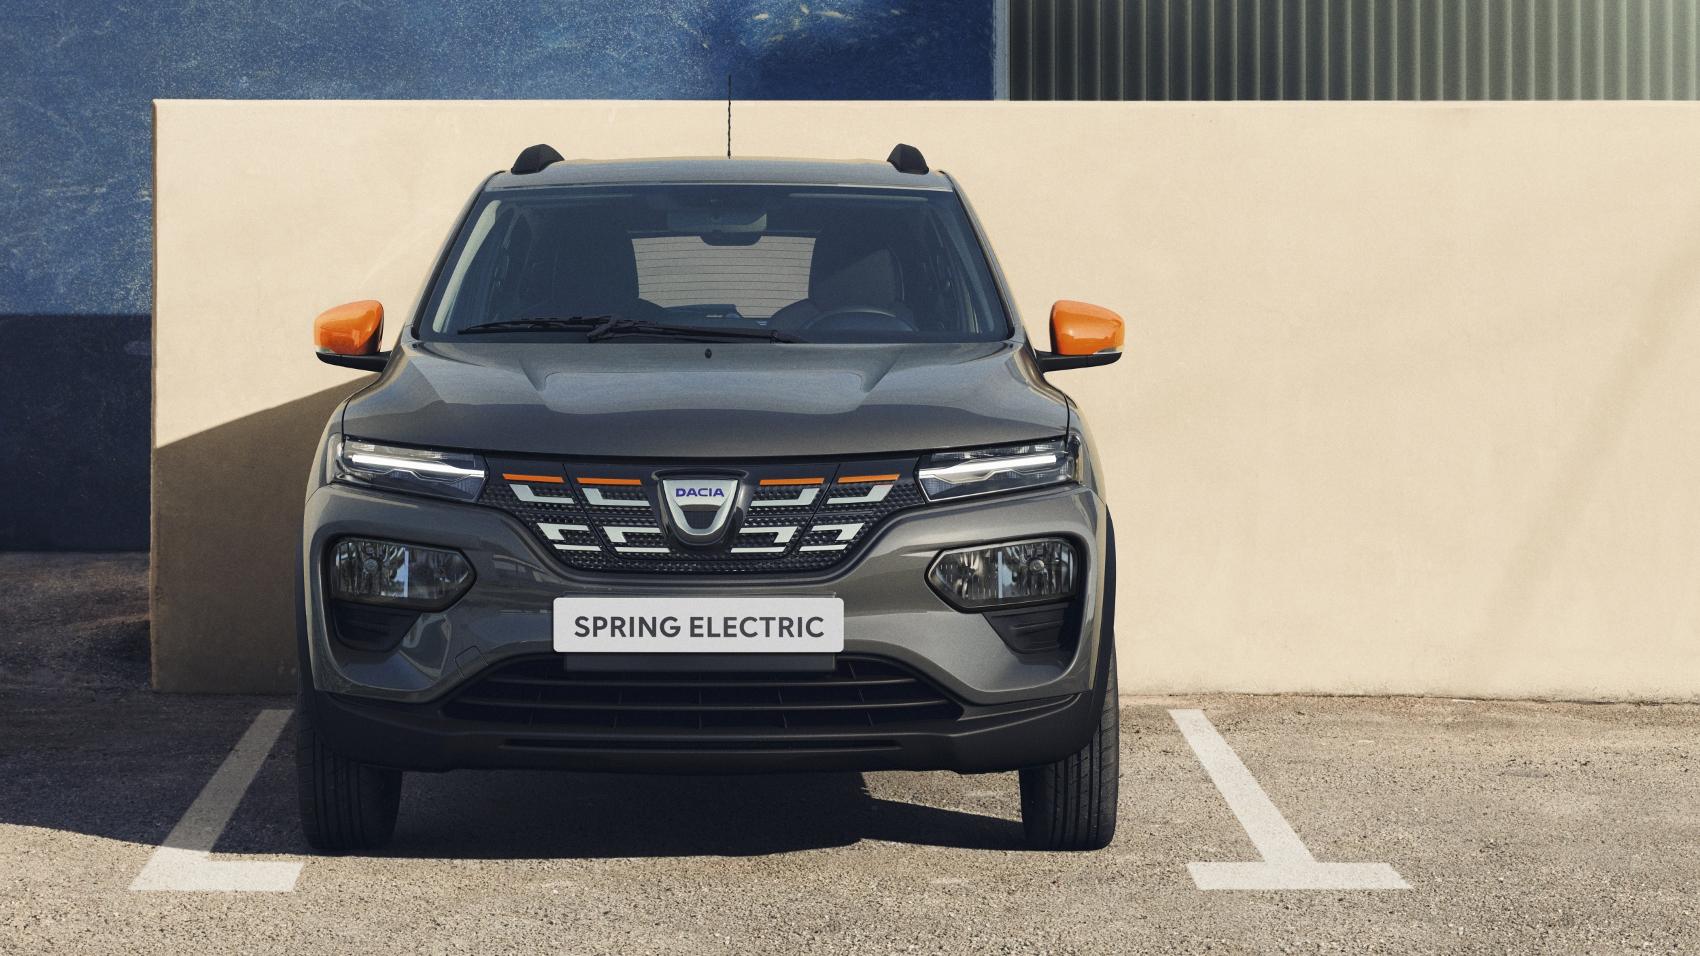 Nová elektrická Dacia Spring bude superlacná pYyHIE7J1N 2020-dacia-spring-4-1700x956